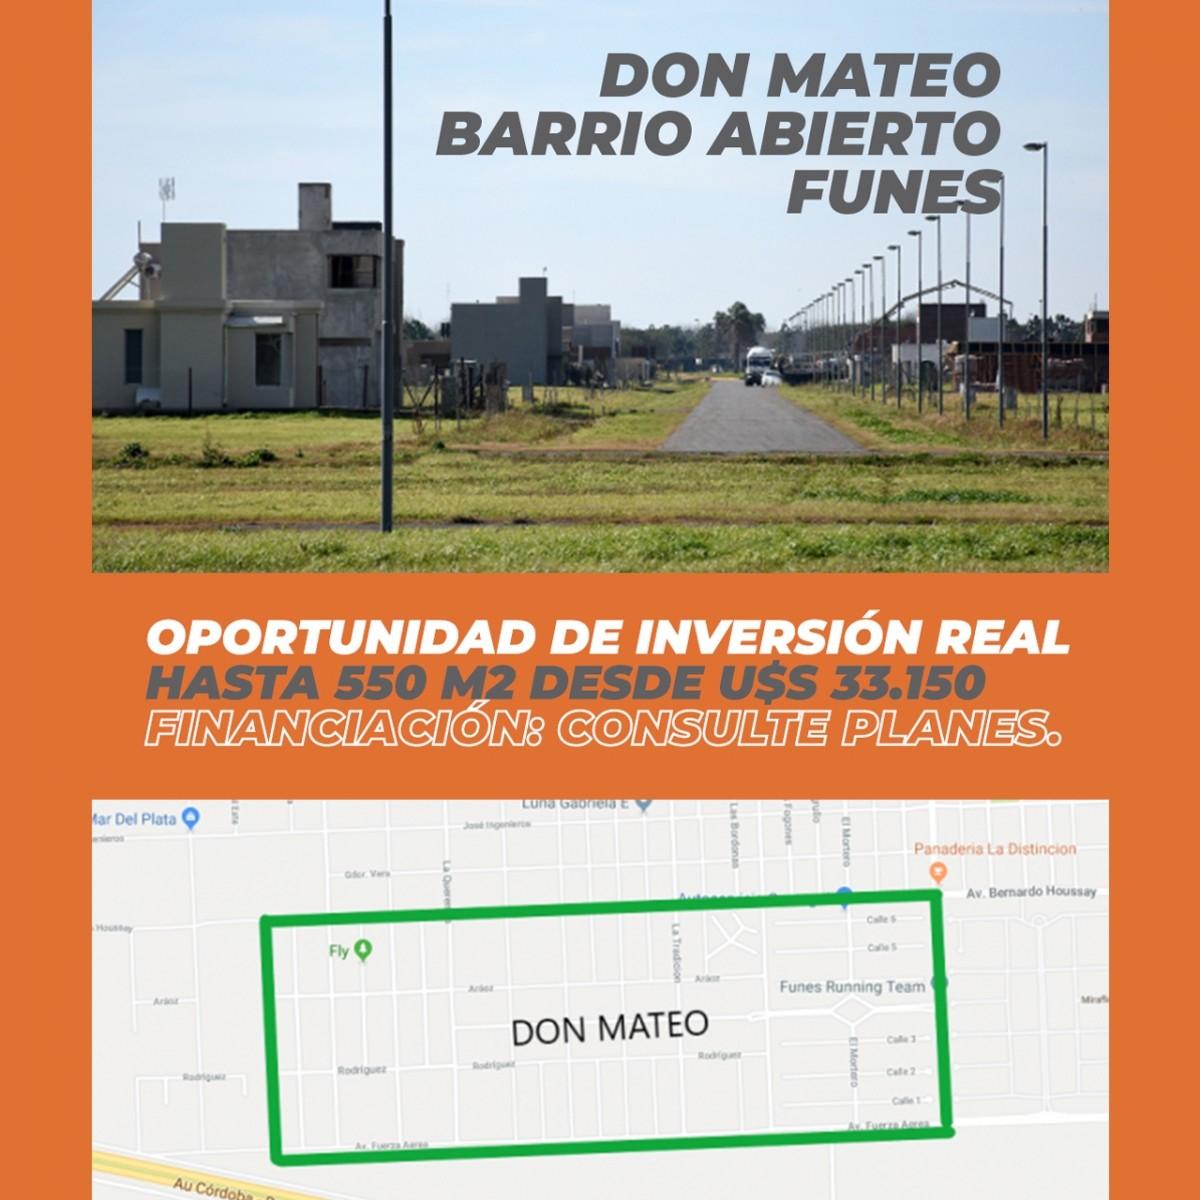 Barrio Abierto - Don Mateo